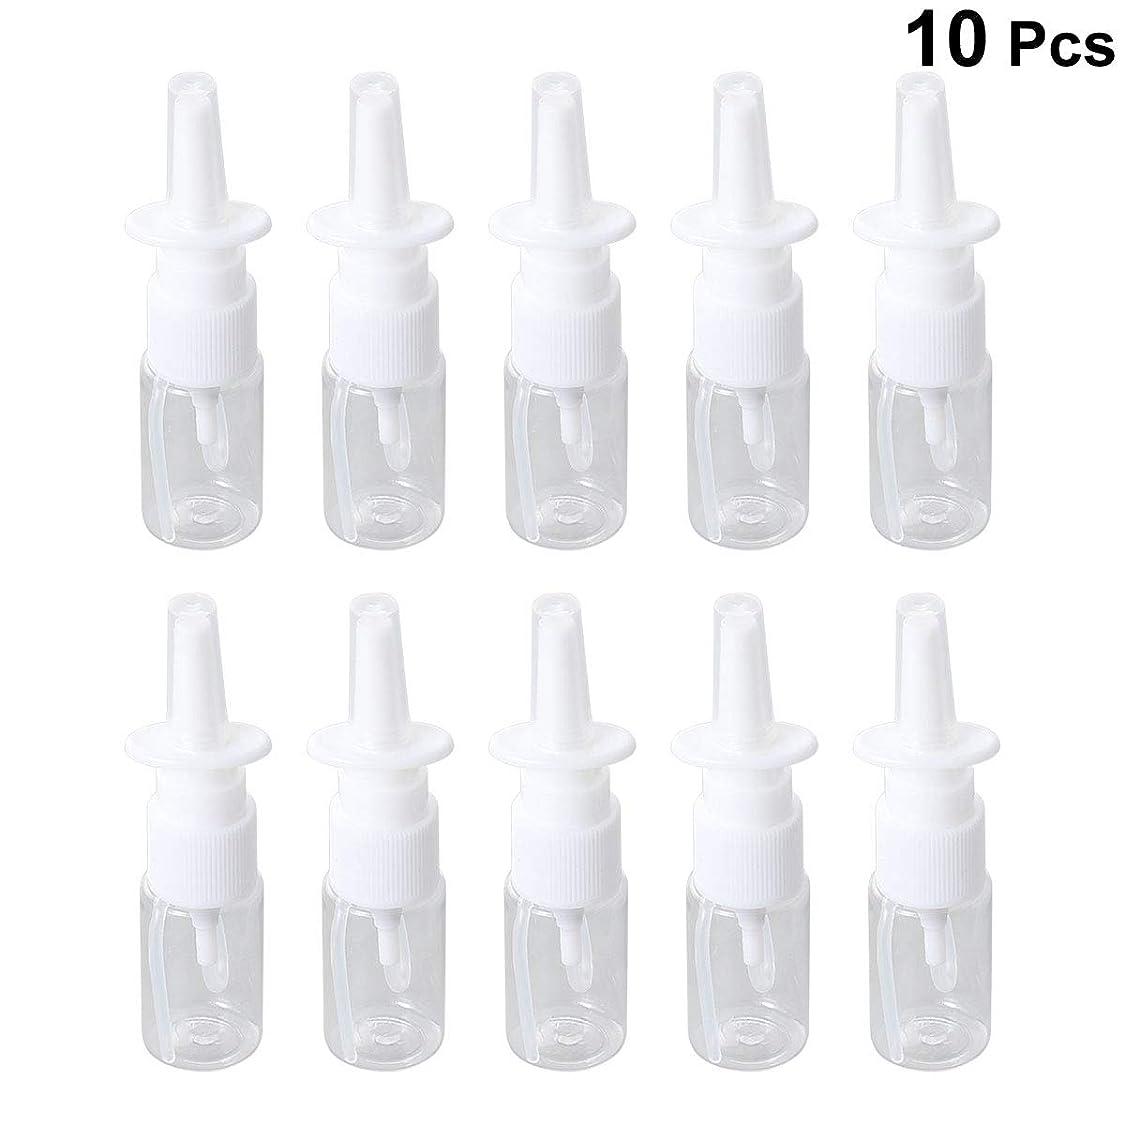 くるくる広範囲に四SUPVOX 10個入り鼻用スプレーボトル空詰め替え式鼻炎スプレーボトル10ml